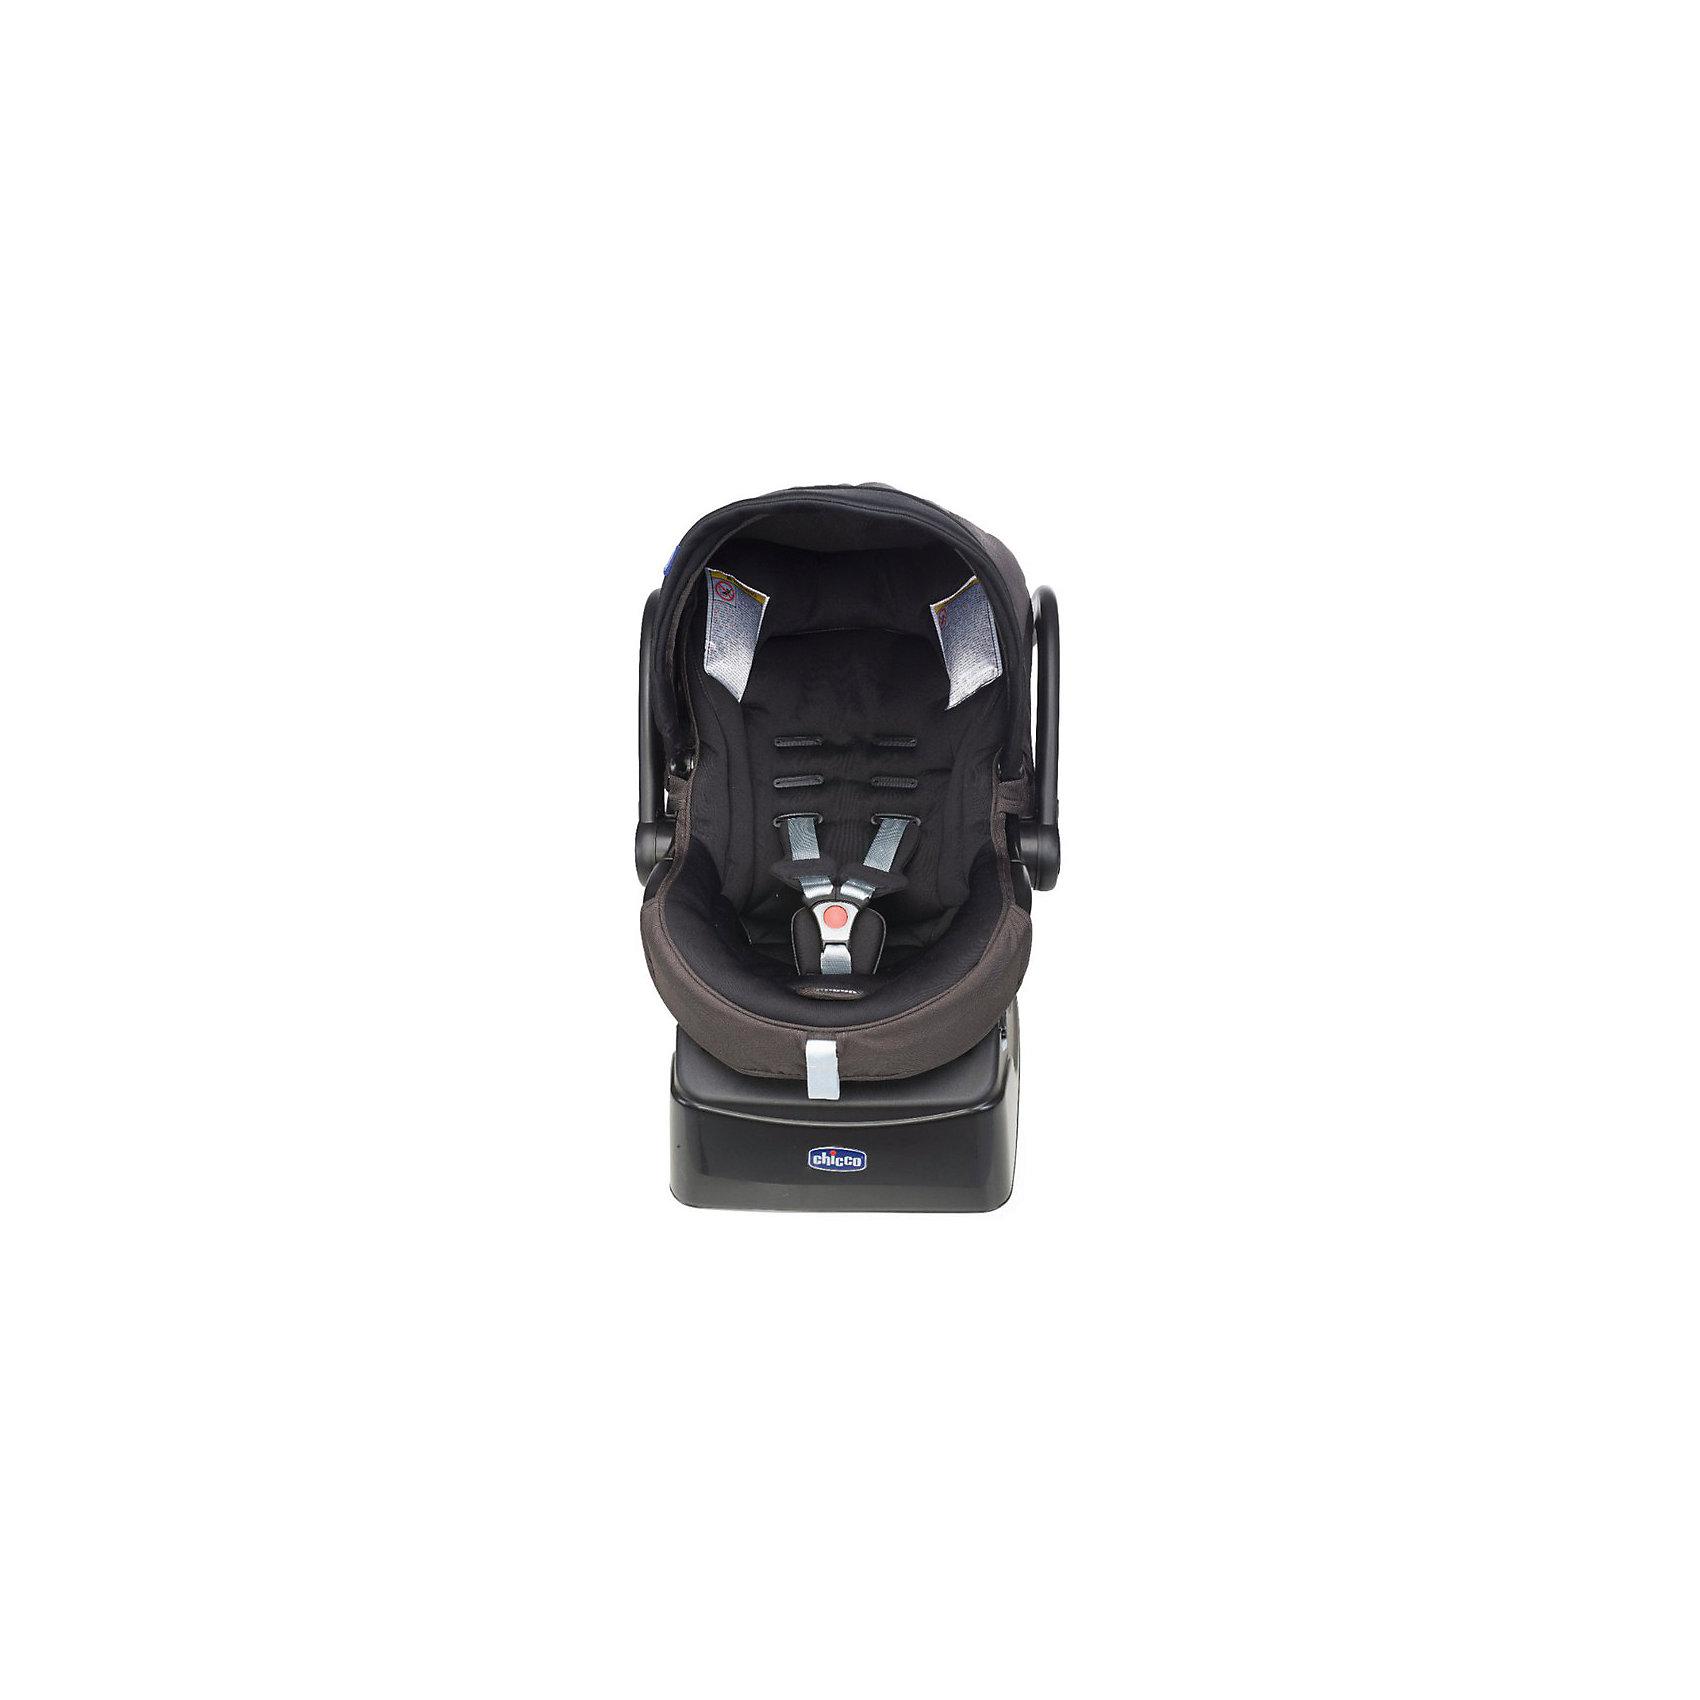 Автокресло Auto-Fix Fast Baby, 0-13 кг., CHICCO, night